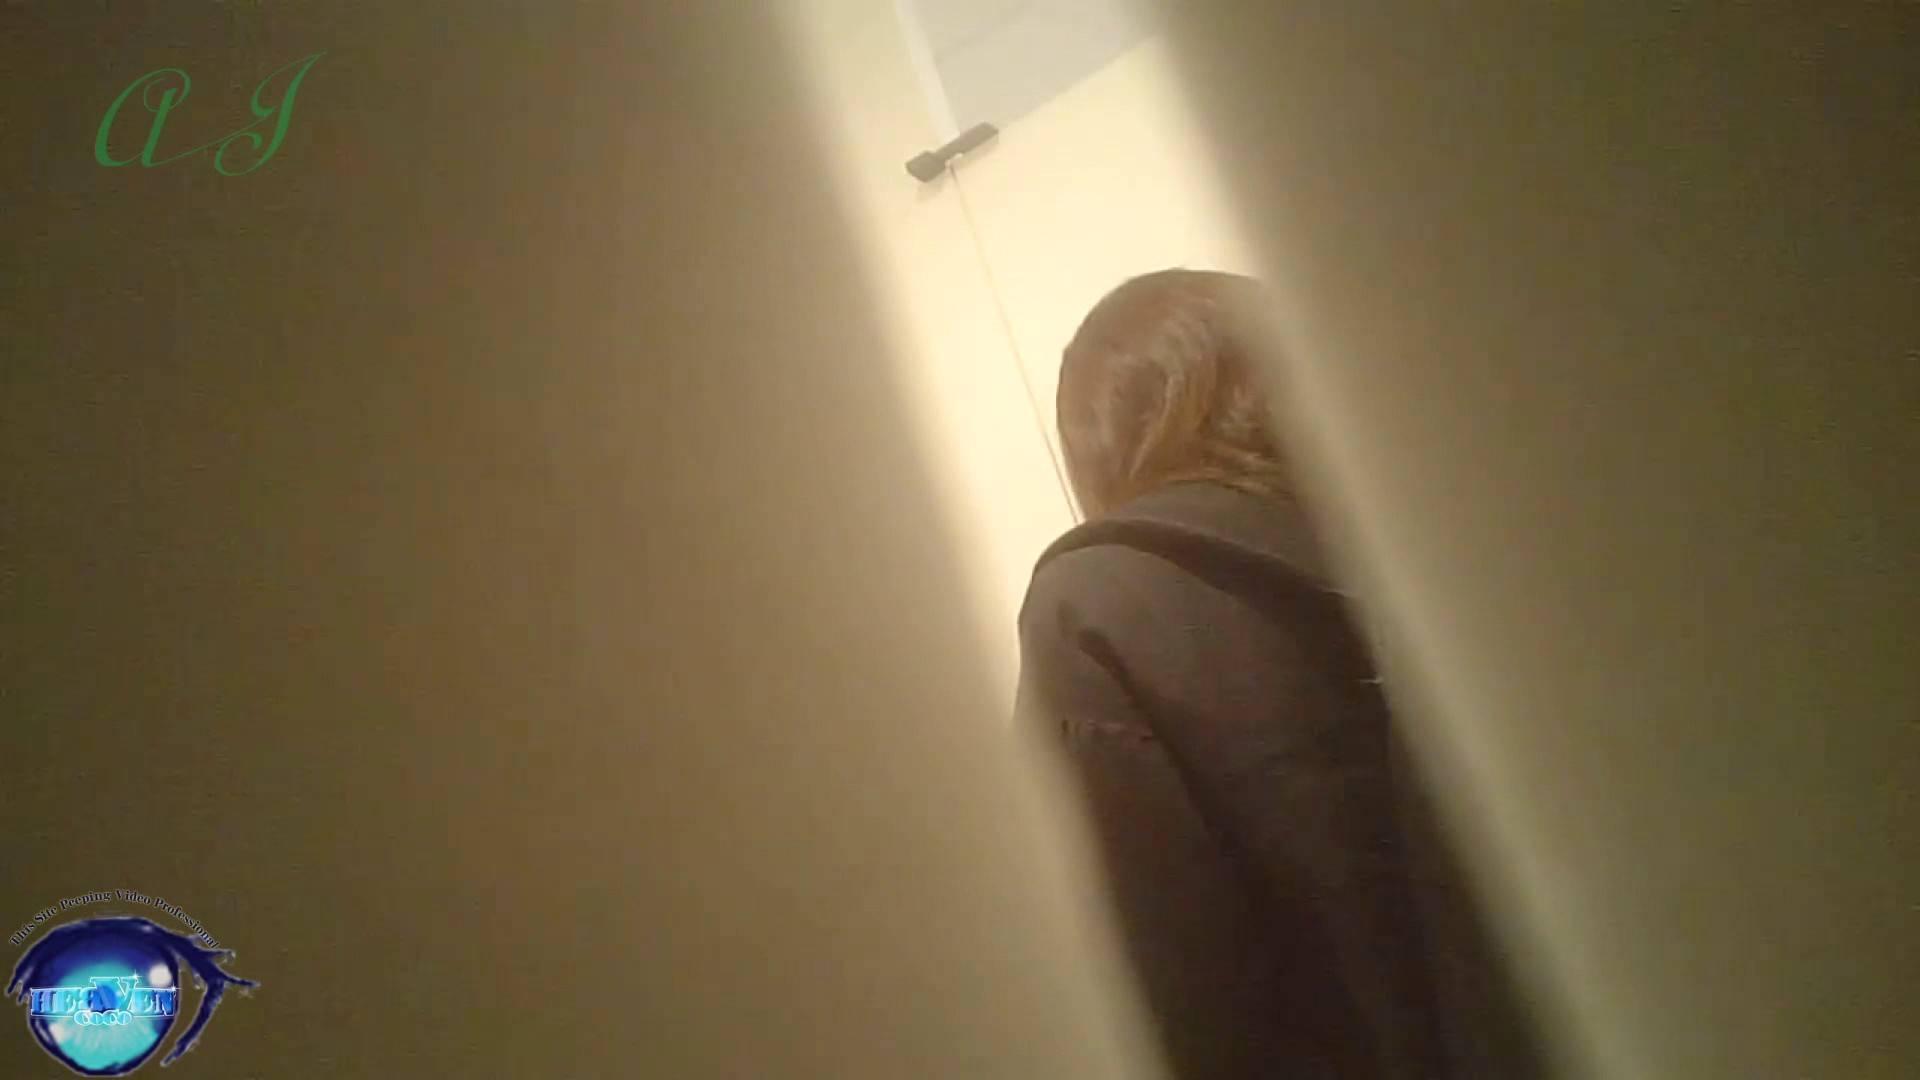 有名大学女性洗面所 vol.69可憐な女子の裏にあるオシリ・・・後編 0  76pic 2